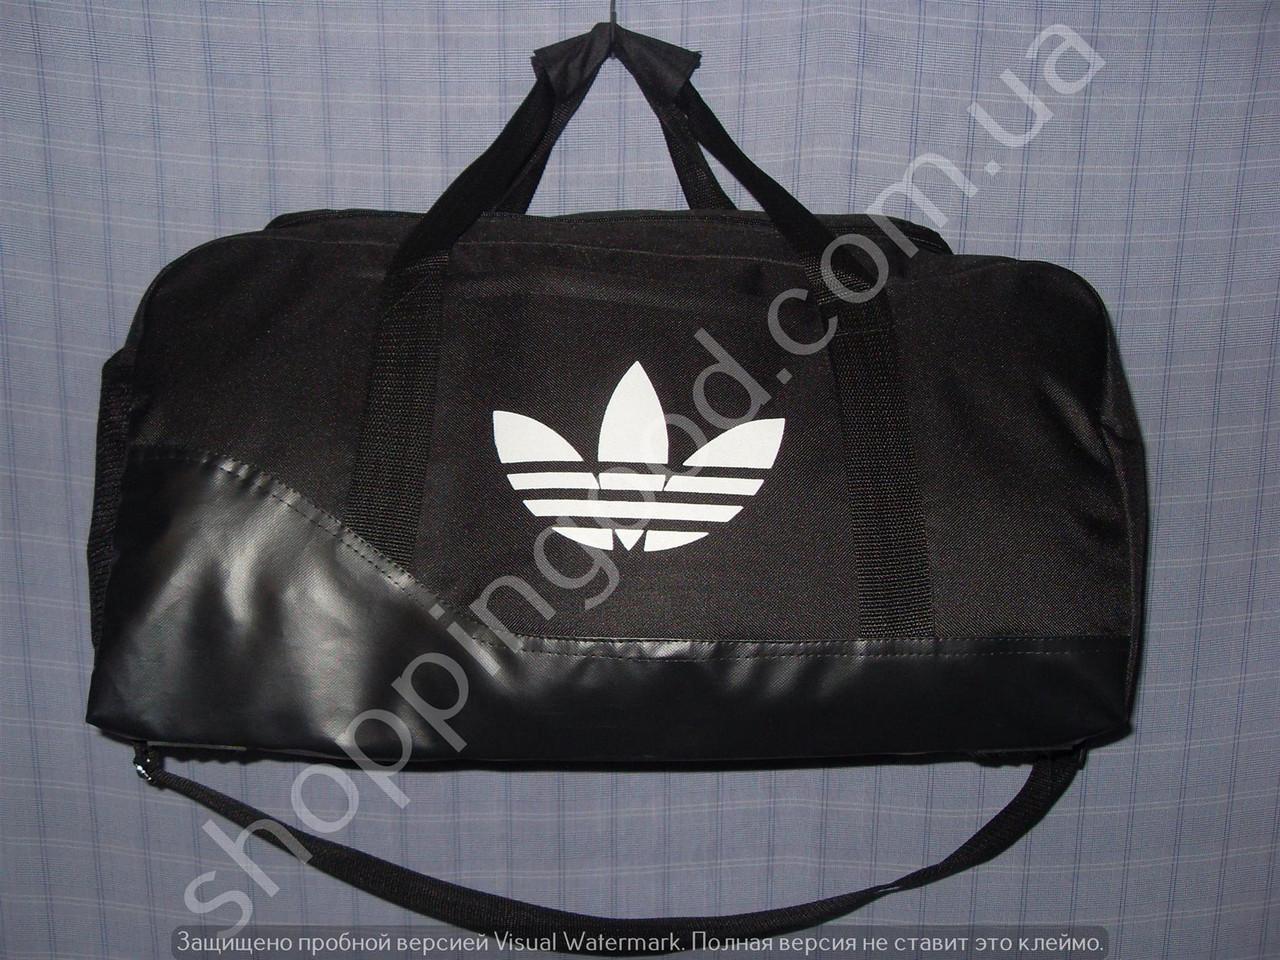 2c9f37aac8e3 Дорожная сумка Adidas 013607 малая (45х24х20, см) черная текстиль с лаковым  дном из кожзама копия